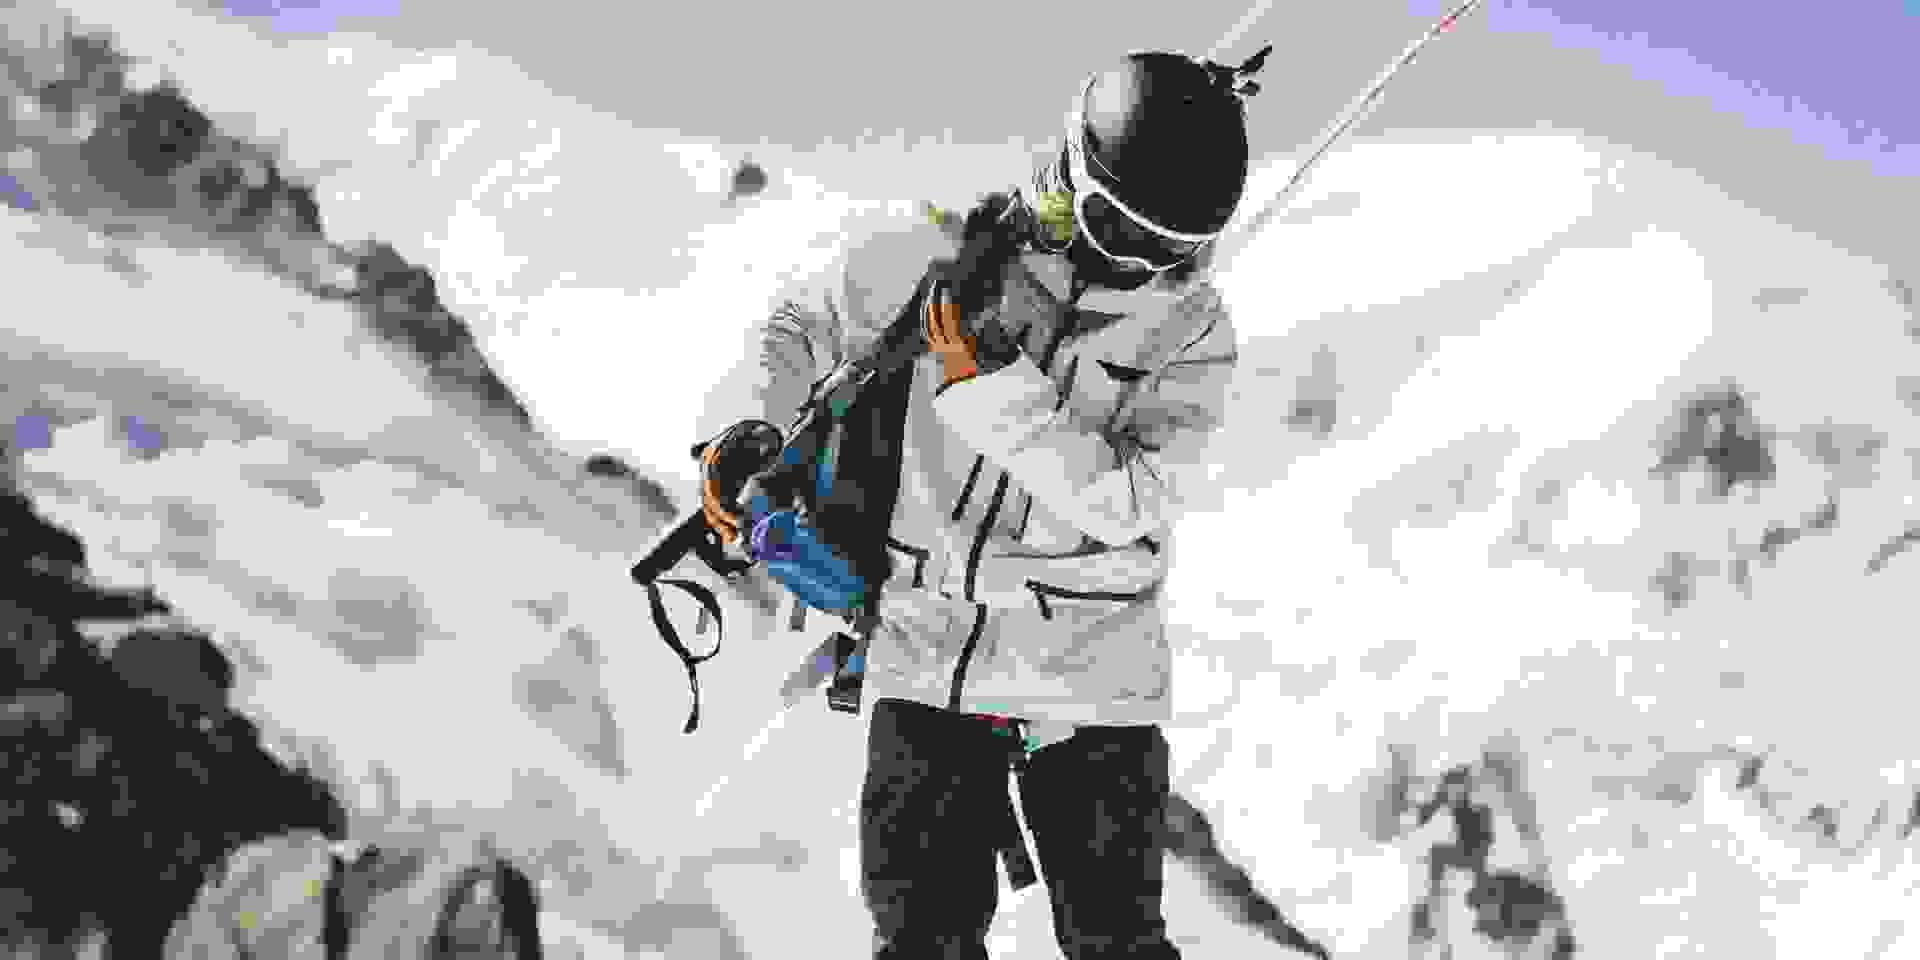 Eine Skitourengeherin setzt sich den Rucksack auf.